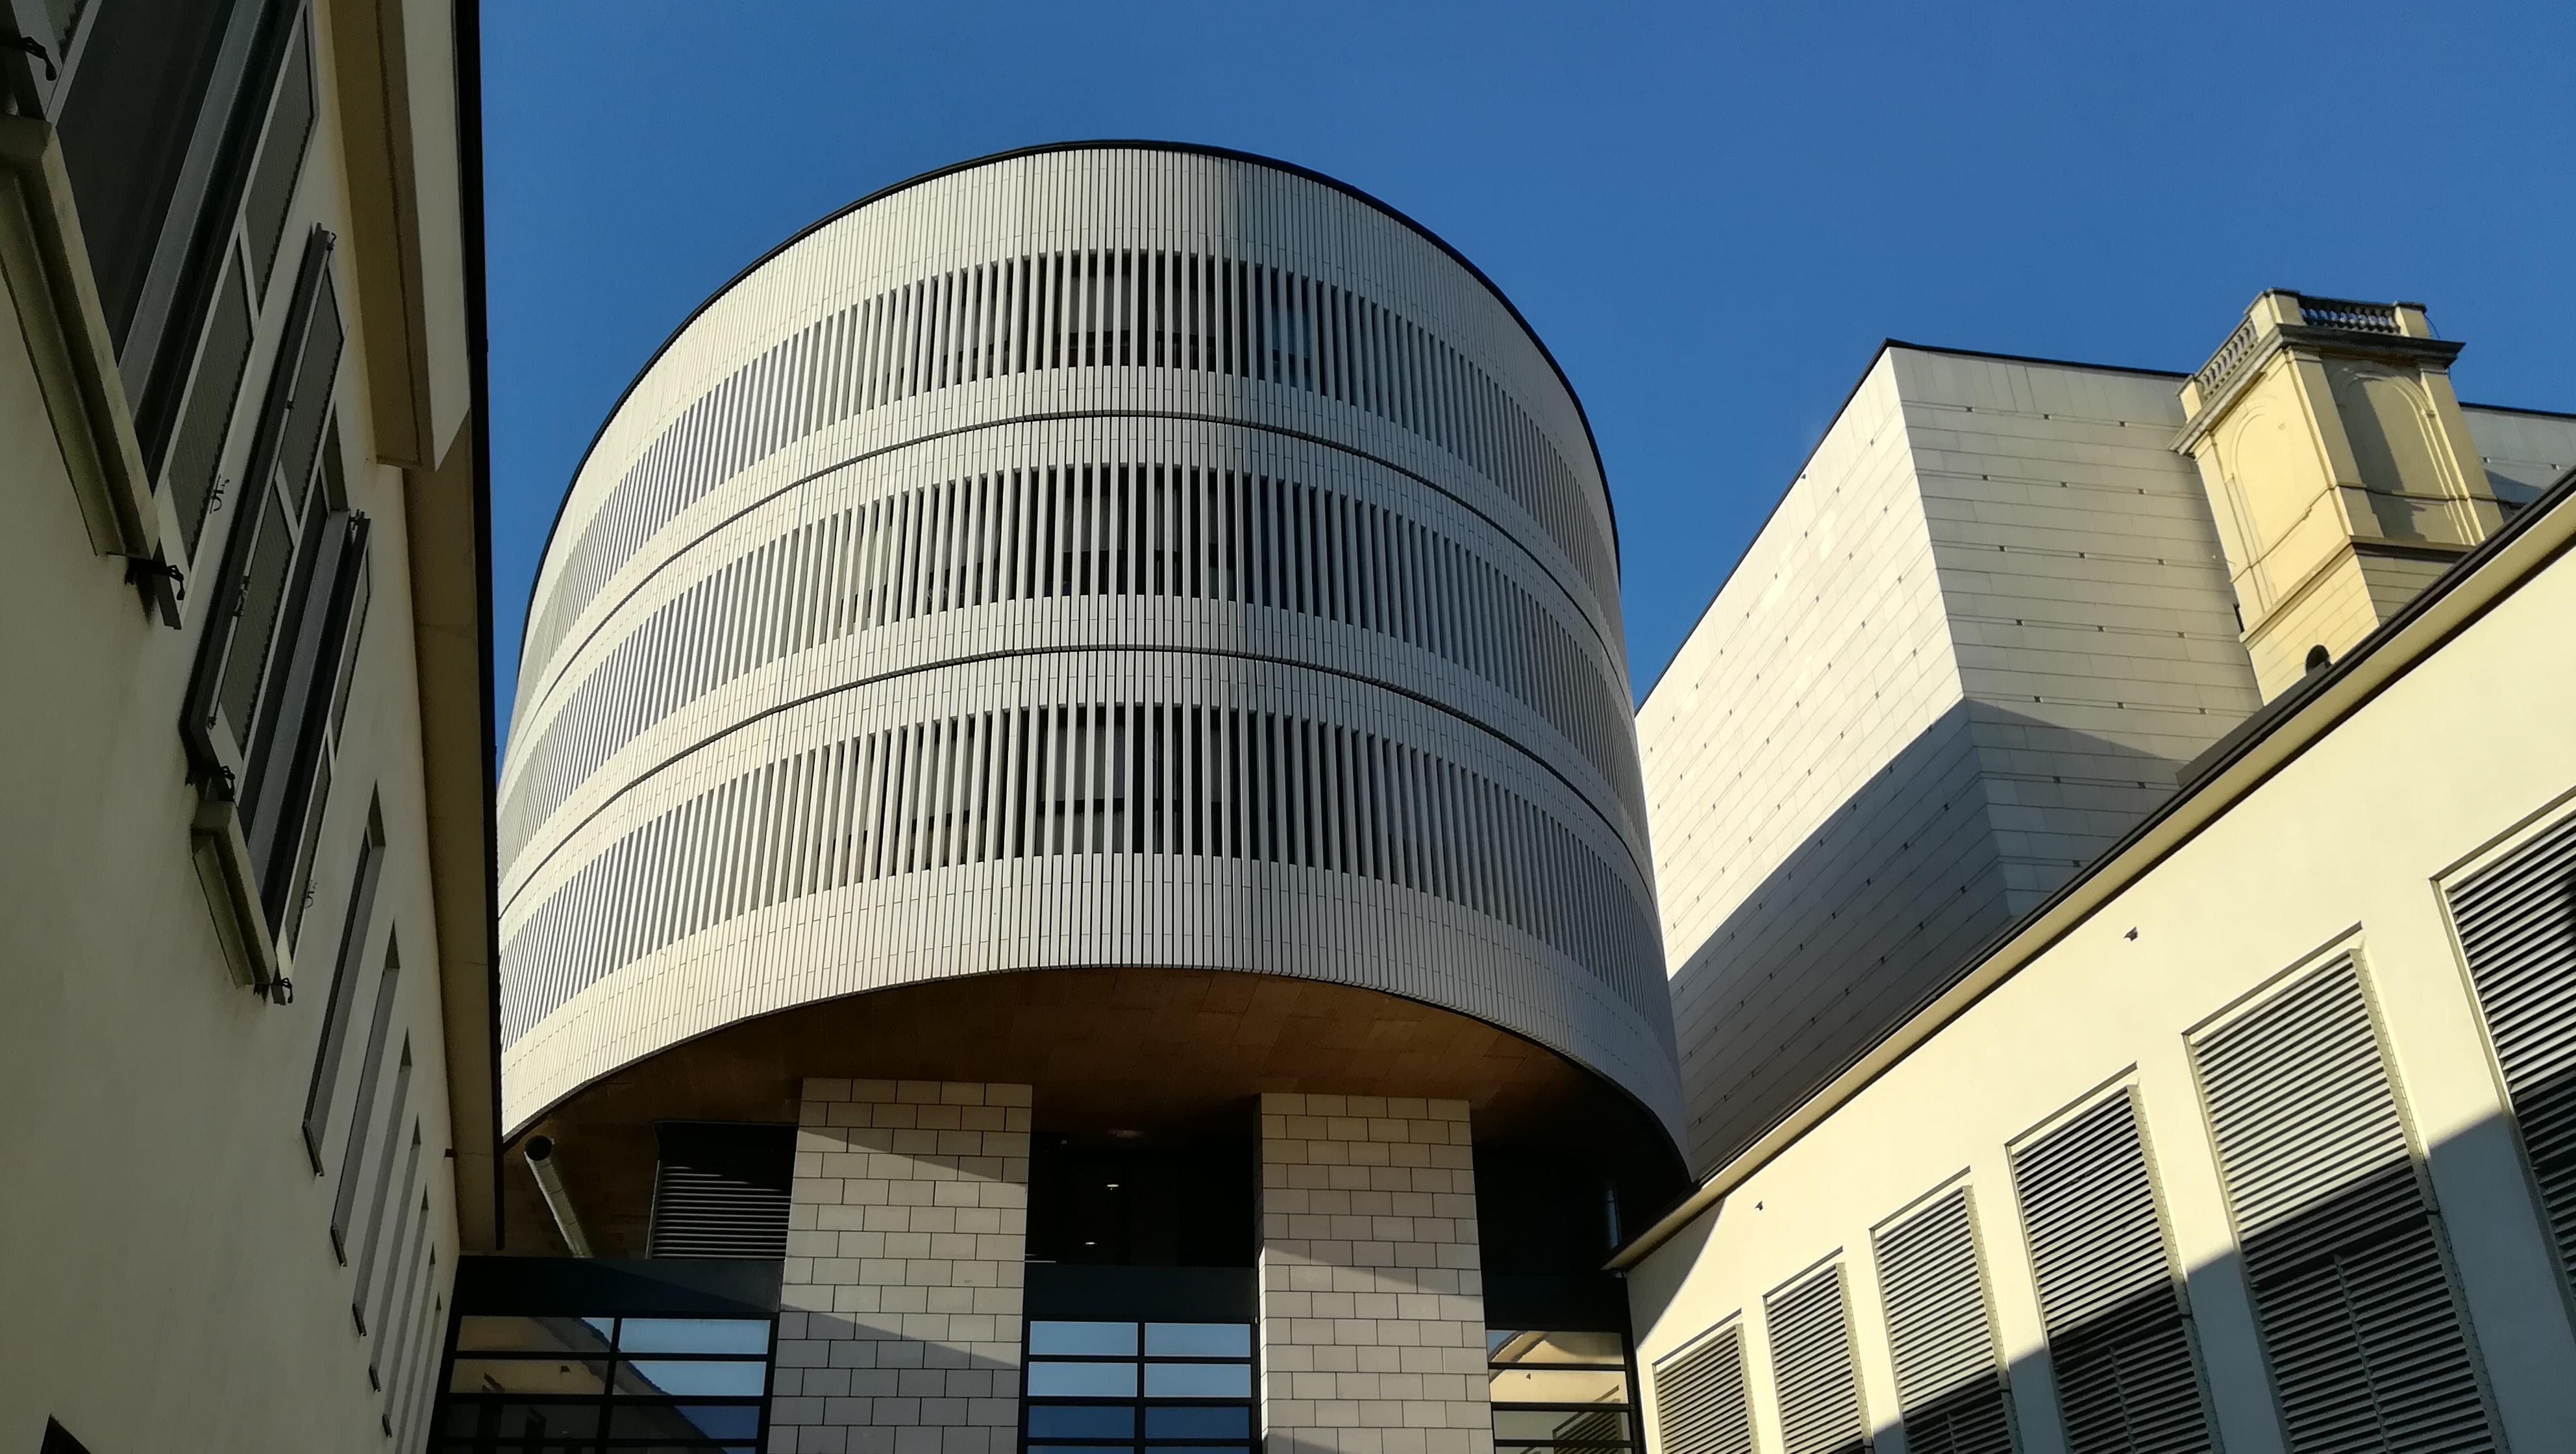 La torre ellittica progettata da Mario Botta nel 2002 ora sede di uffici e camerini degli artisti.